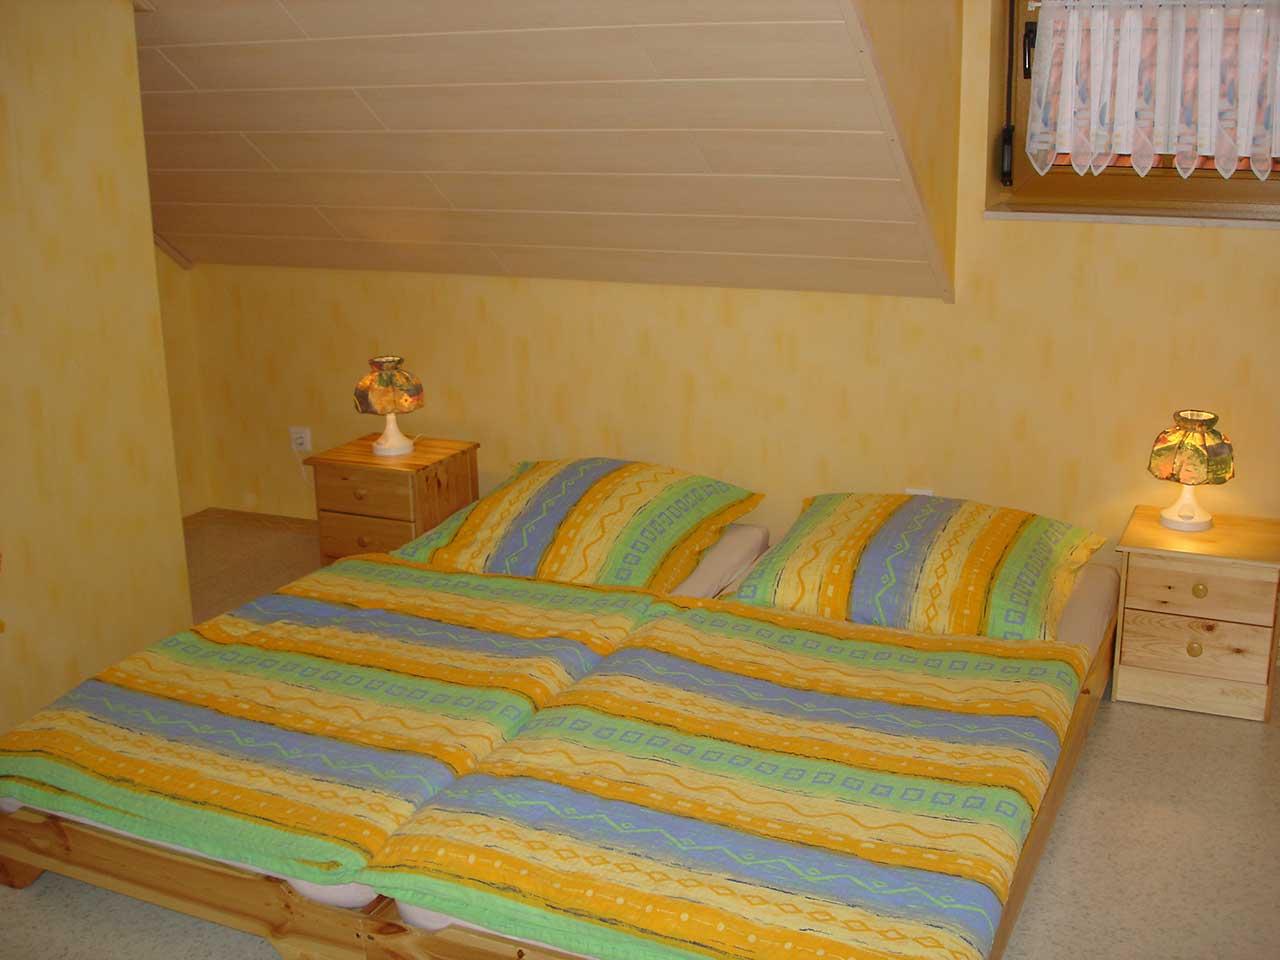 Ferienwohnung Freudensprung - Schlafzimmer 2 - Ansicht 3